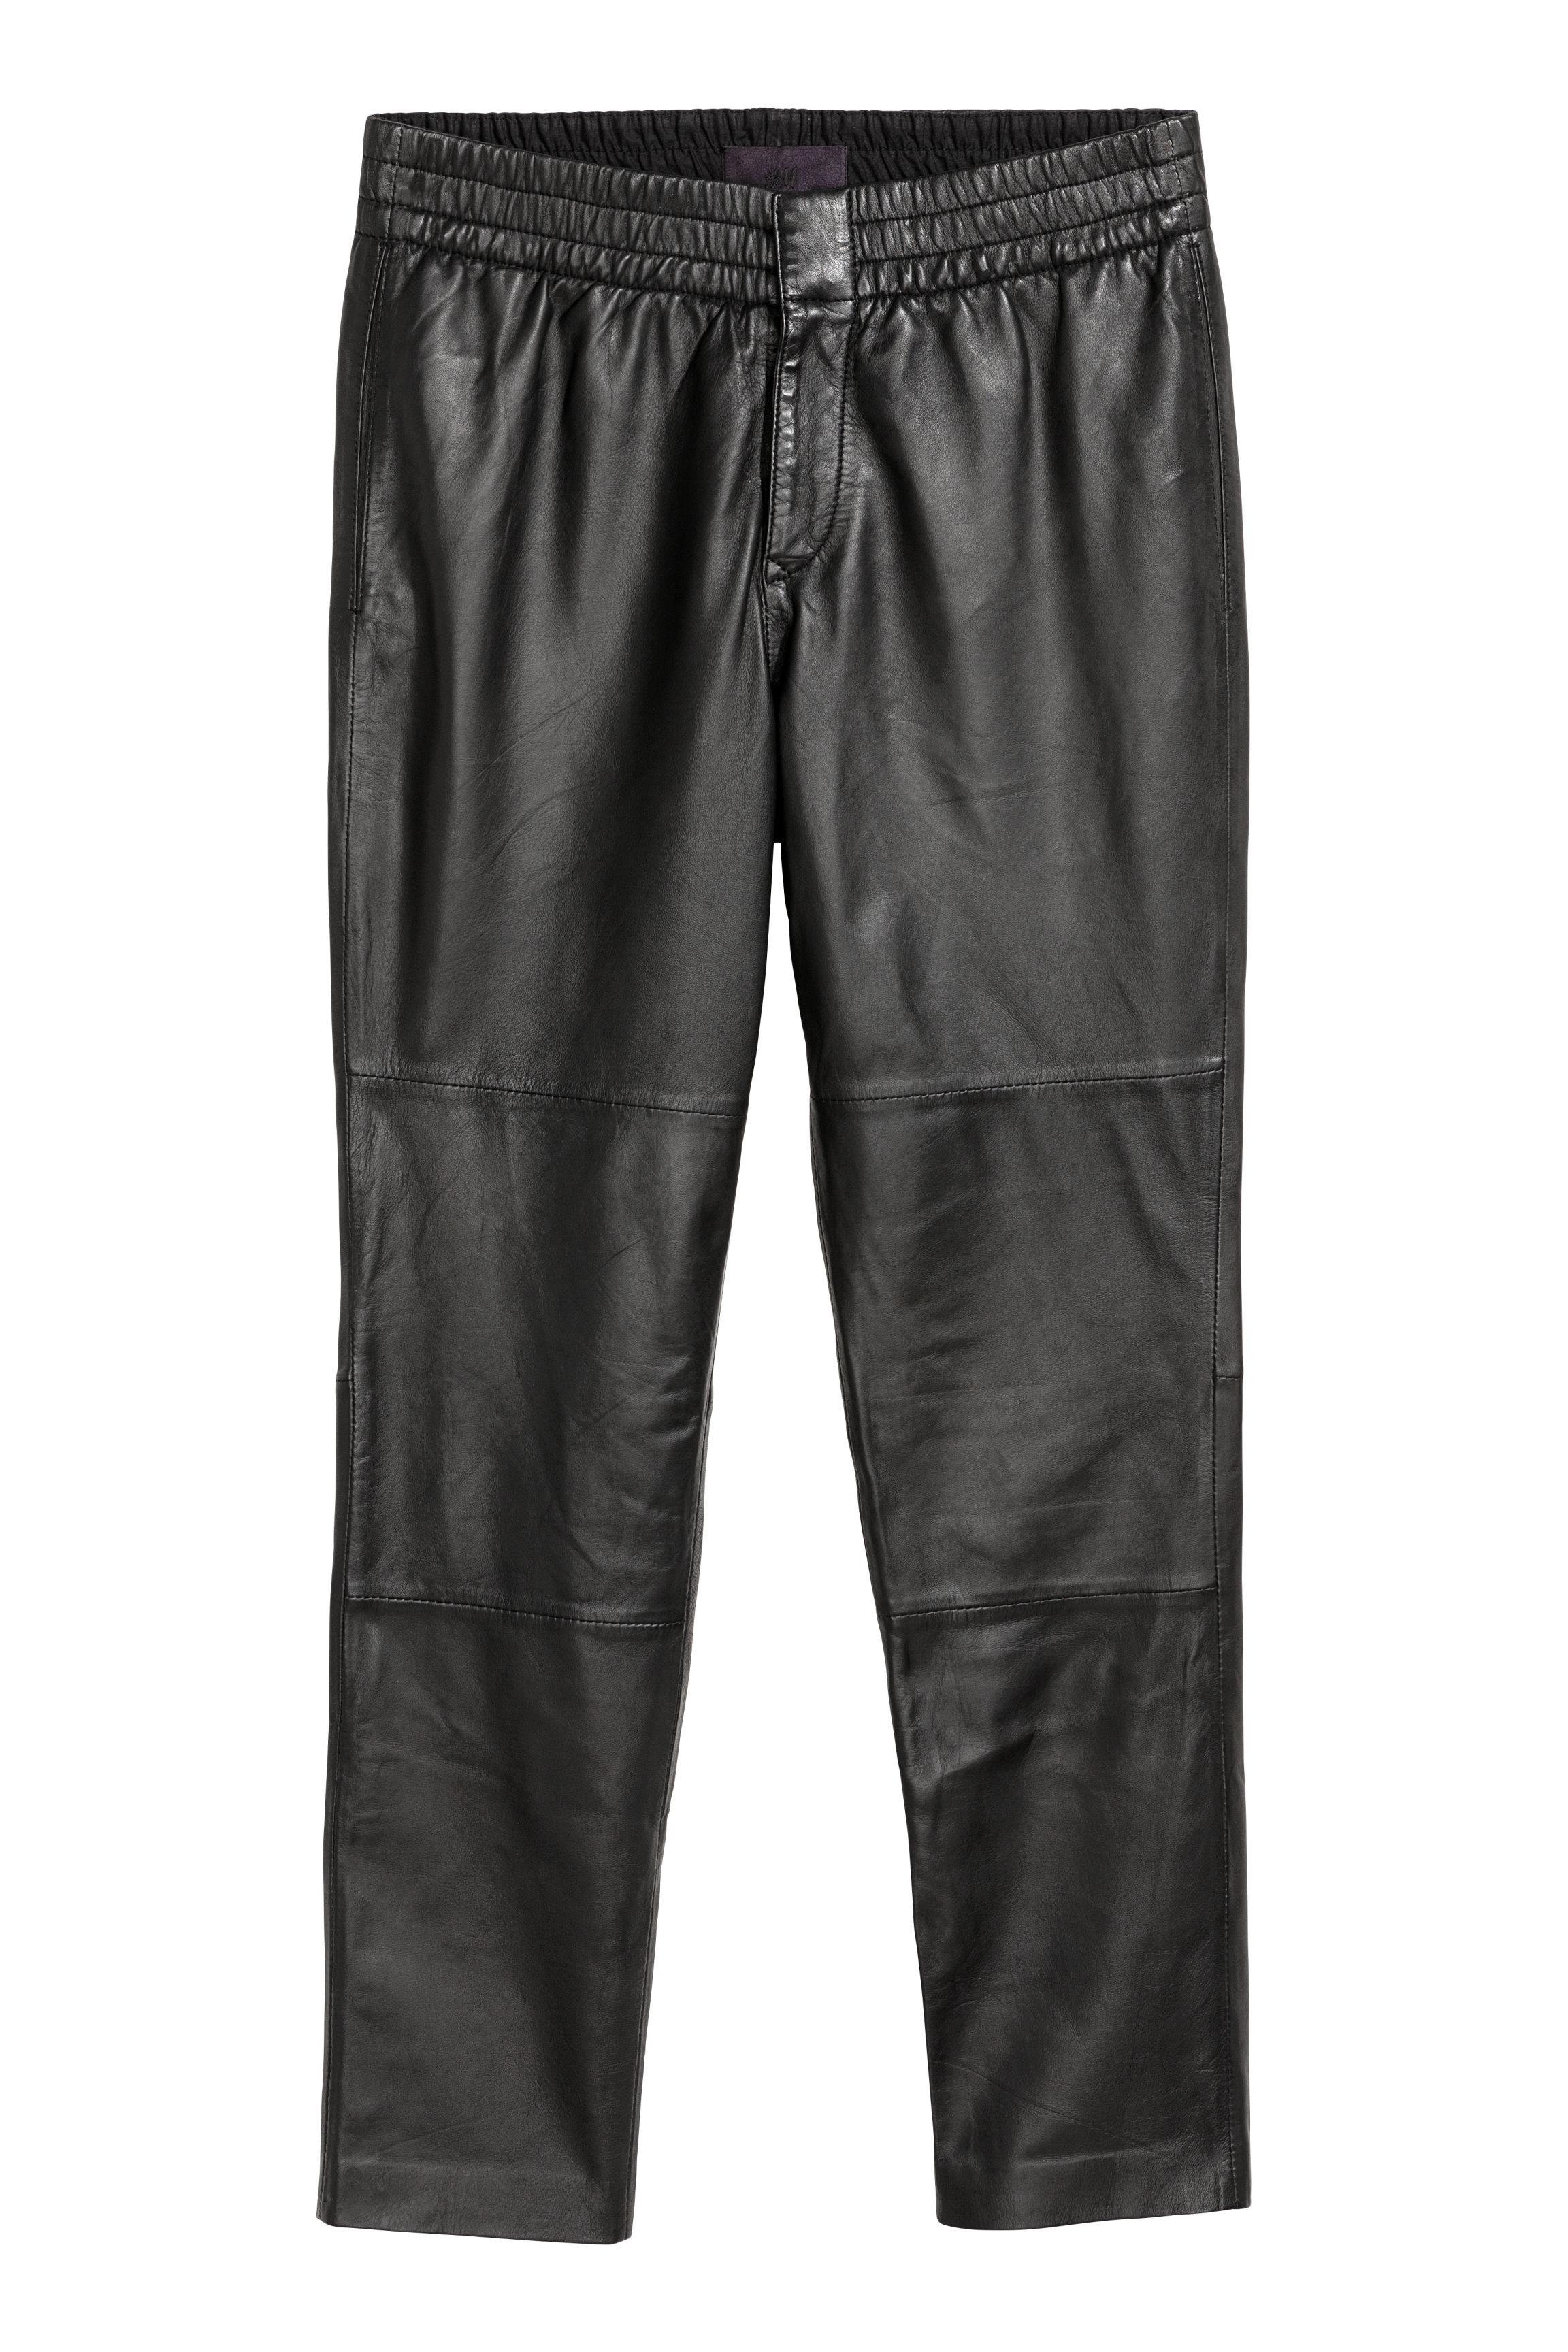 Fonkelnieuw Leren broek - Zwart - HEREN | H&M NL CQ-21